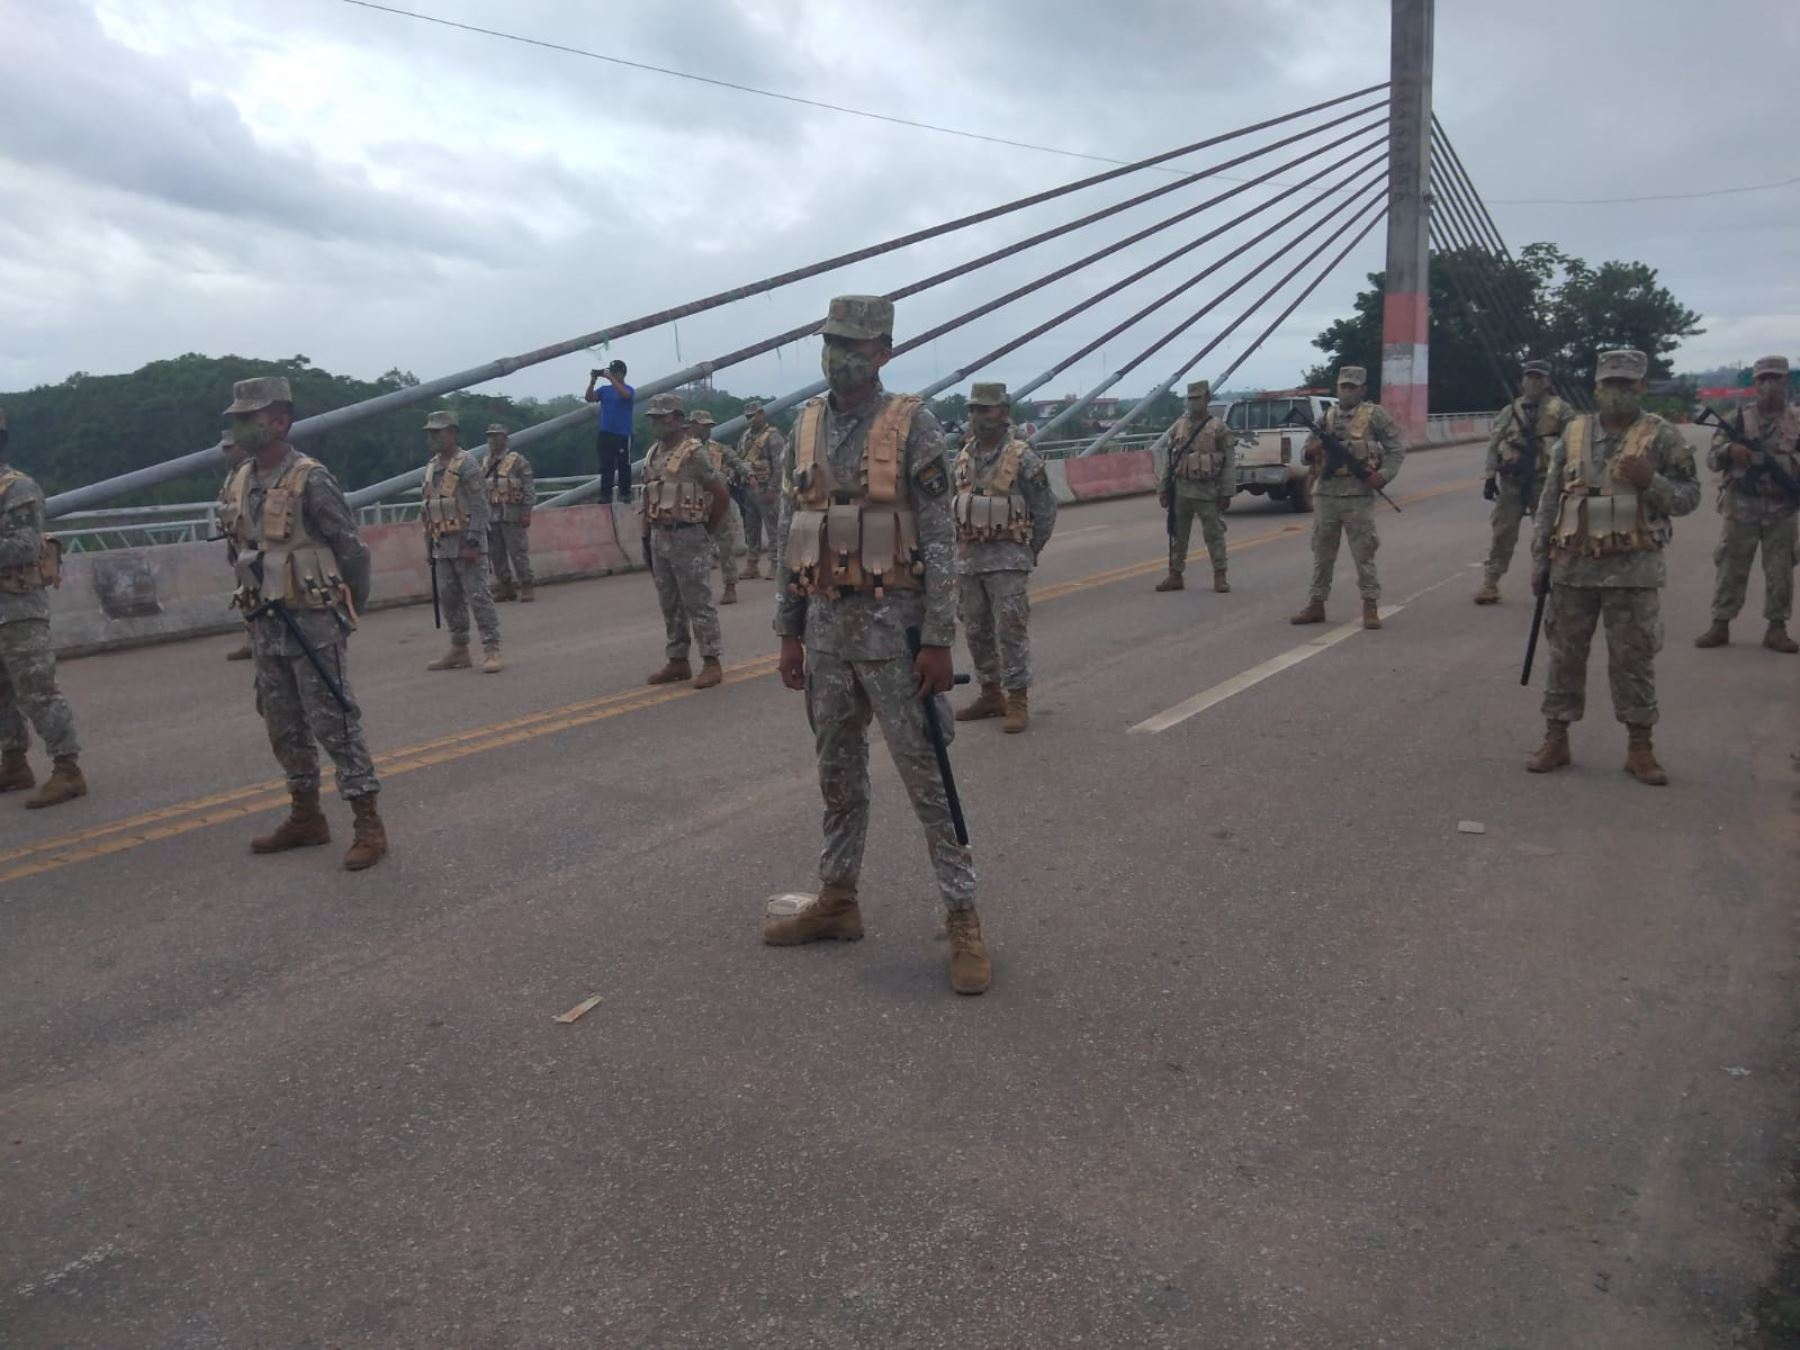 Miembros del Ejército del Perú refuerzan la vigilancia en Madre de Dios, en la frontera con Brasil, para evitar el ingreso ilegal de personas. Cortesía